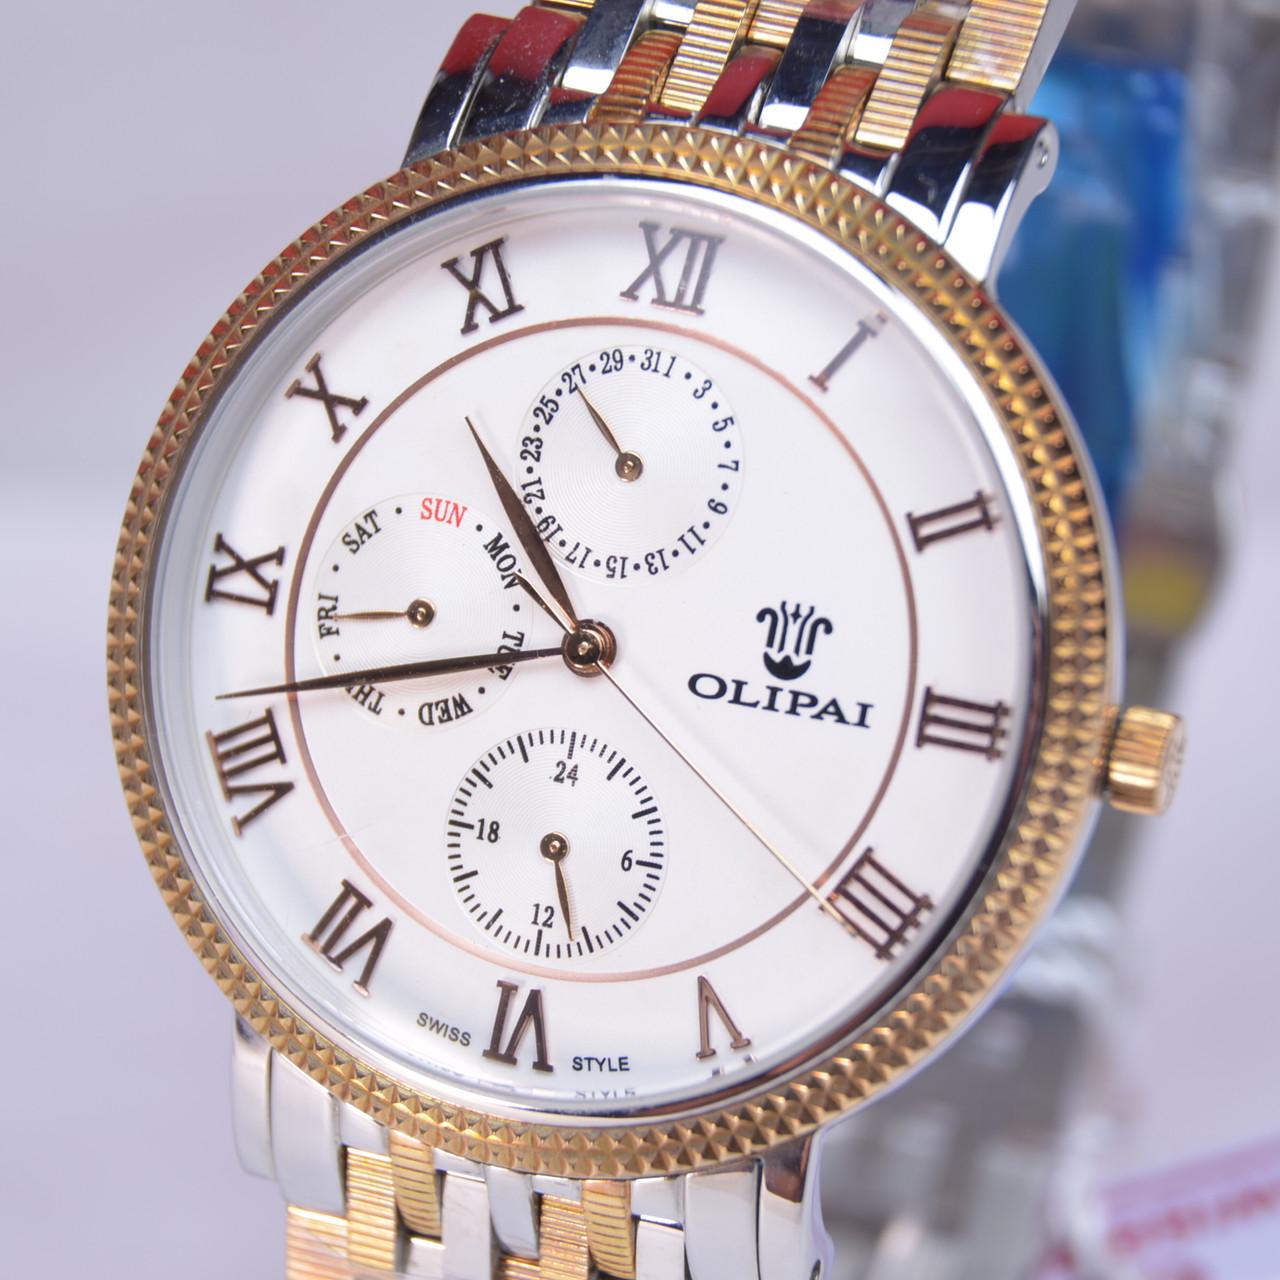 Мужские наручные часы OLIPAI JT6013 стекло сапфир